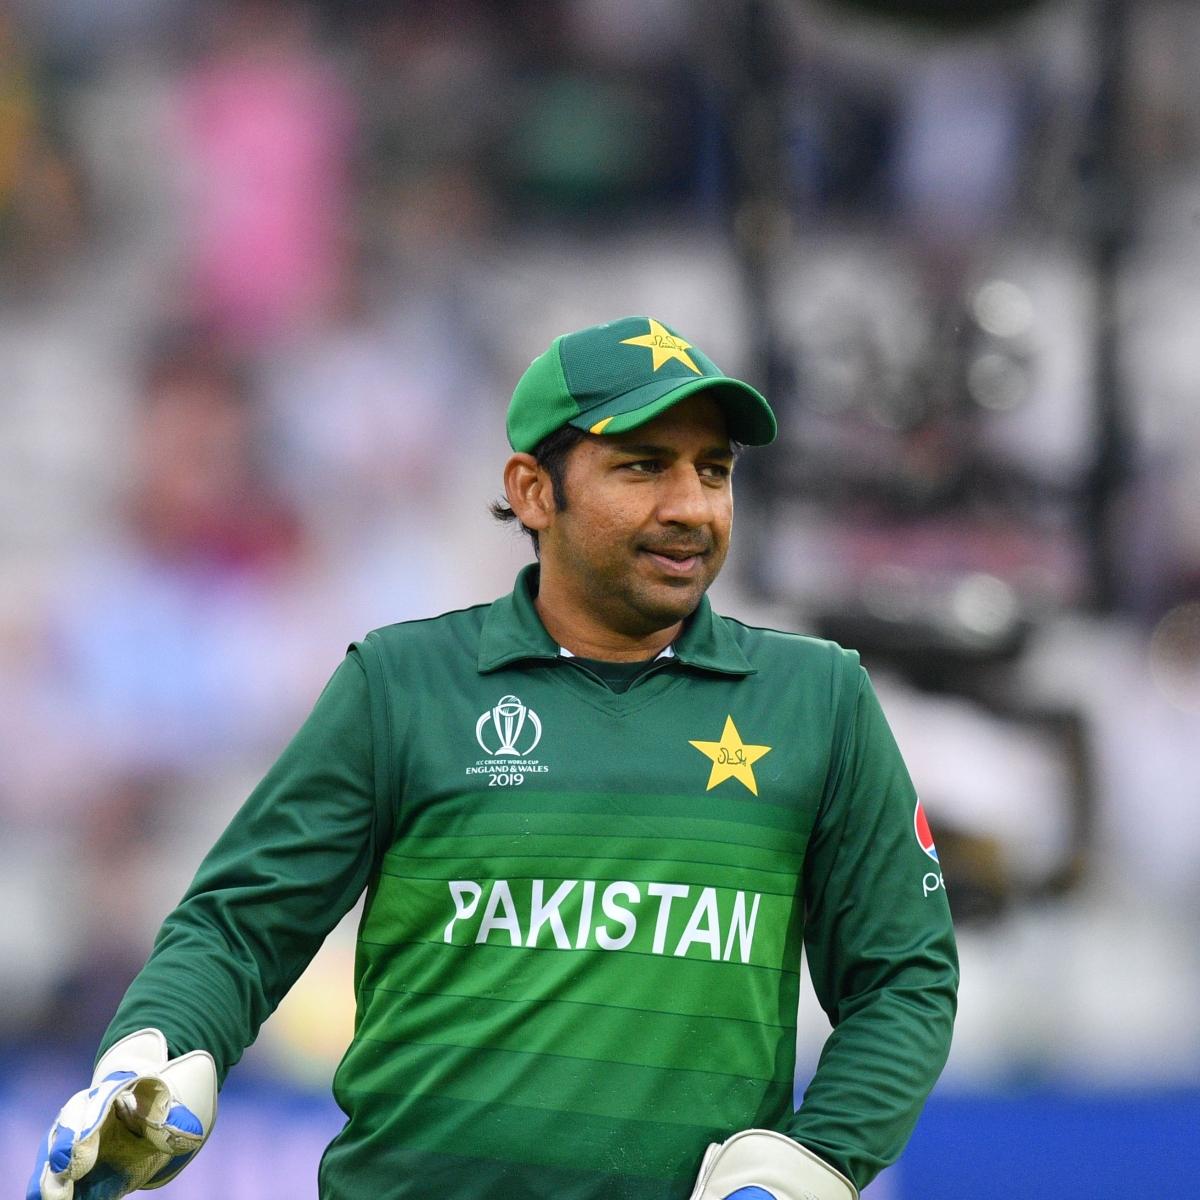 Haris Sohail batted like Jos Buttler against South Africa: Sarfaraz Ahmed